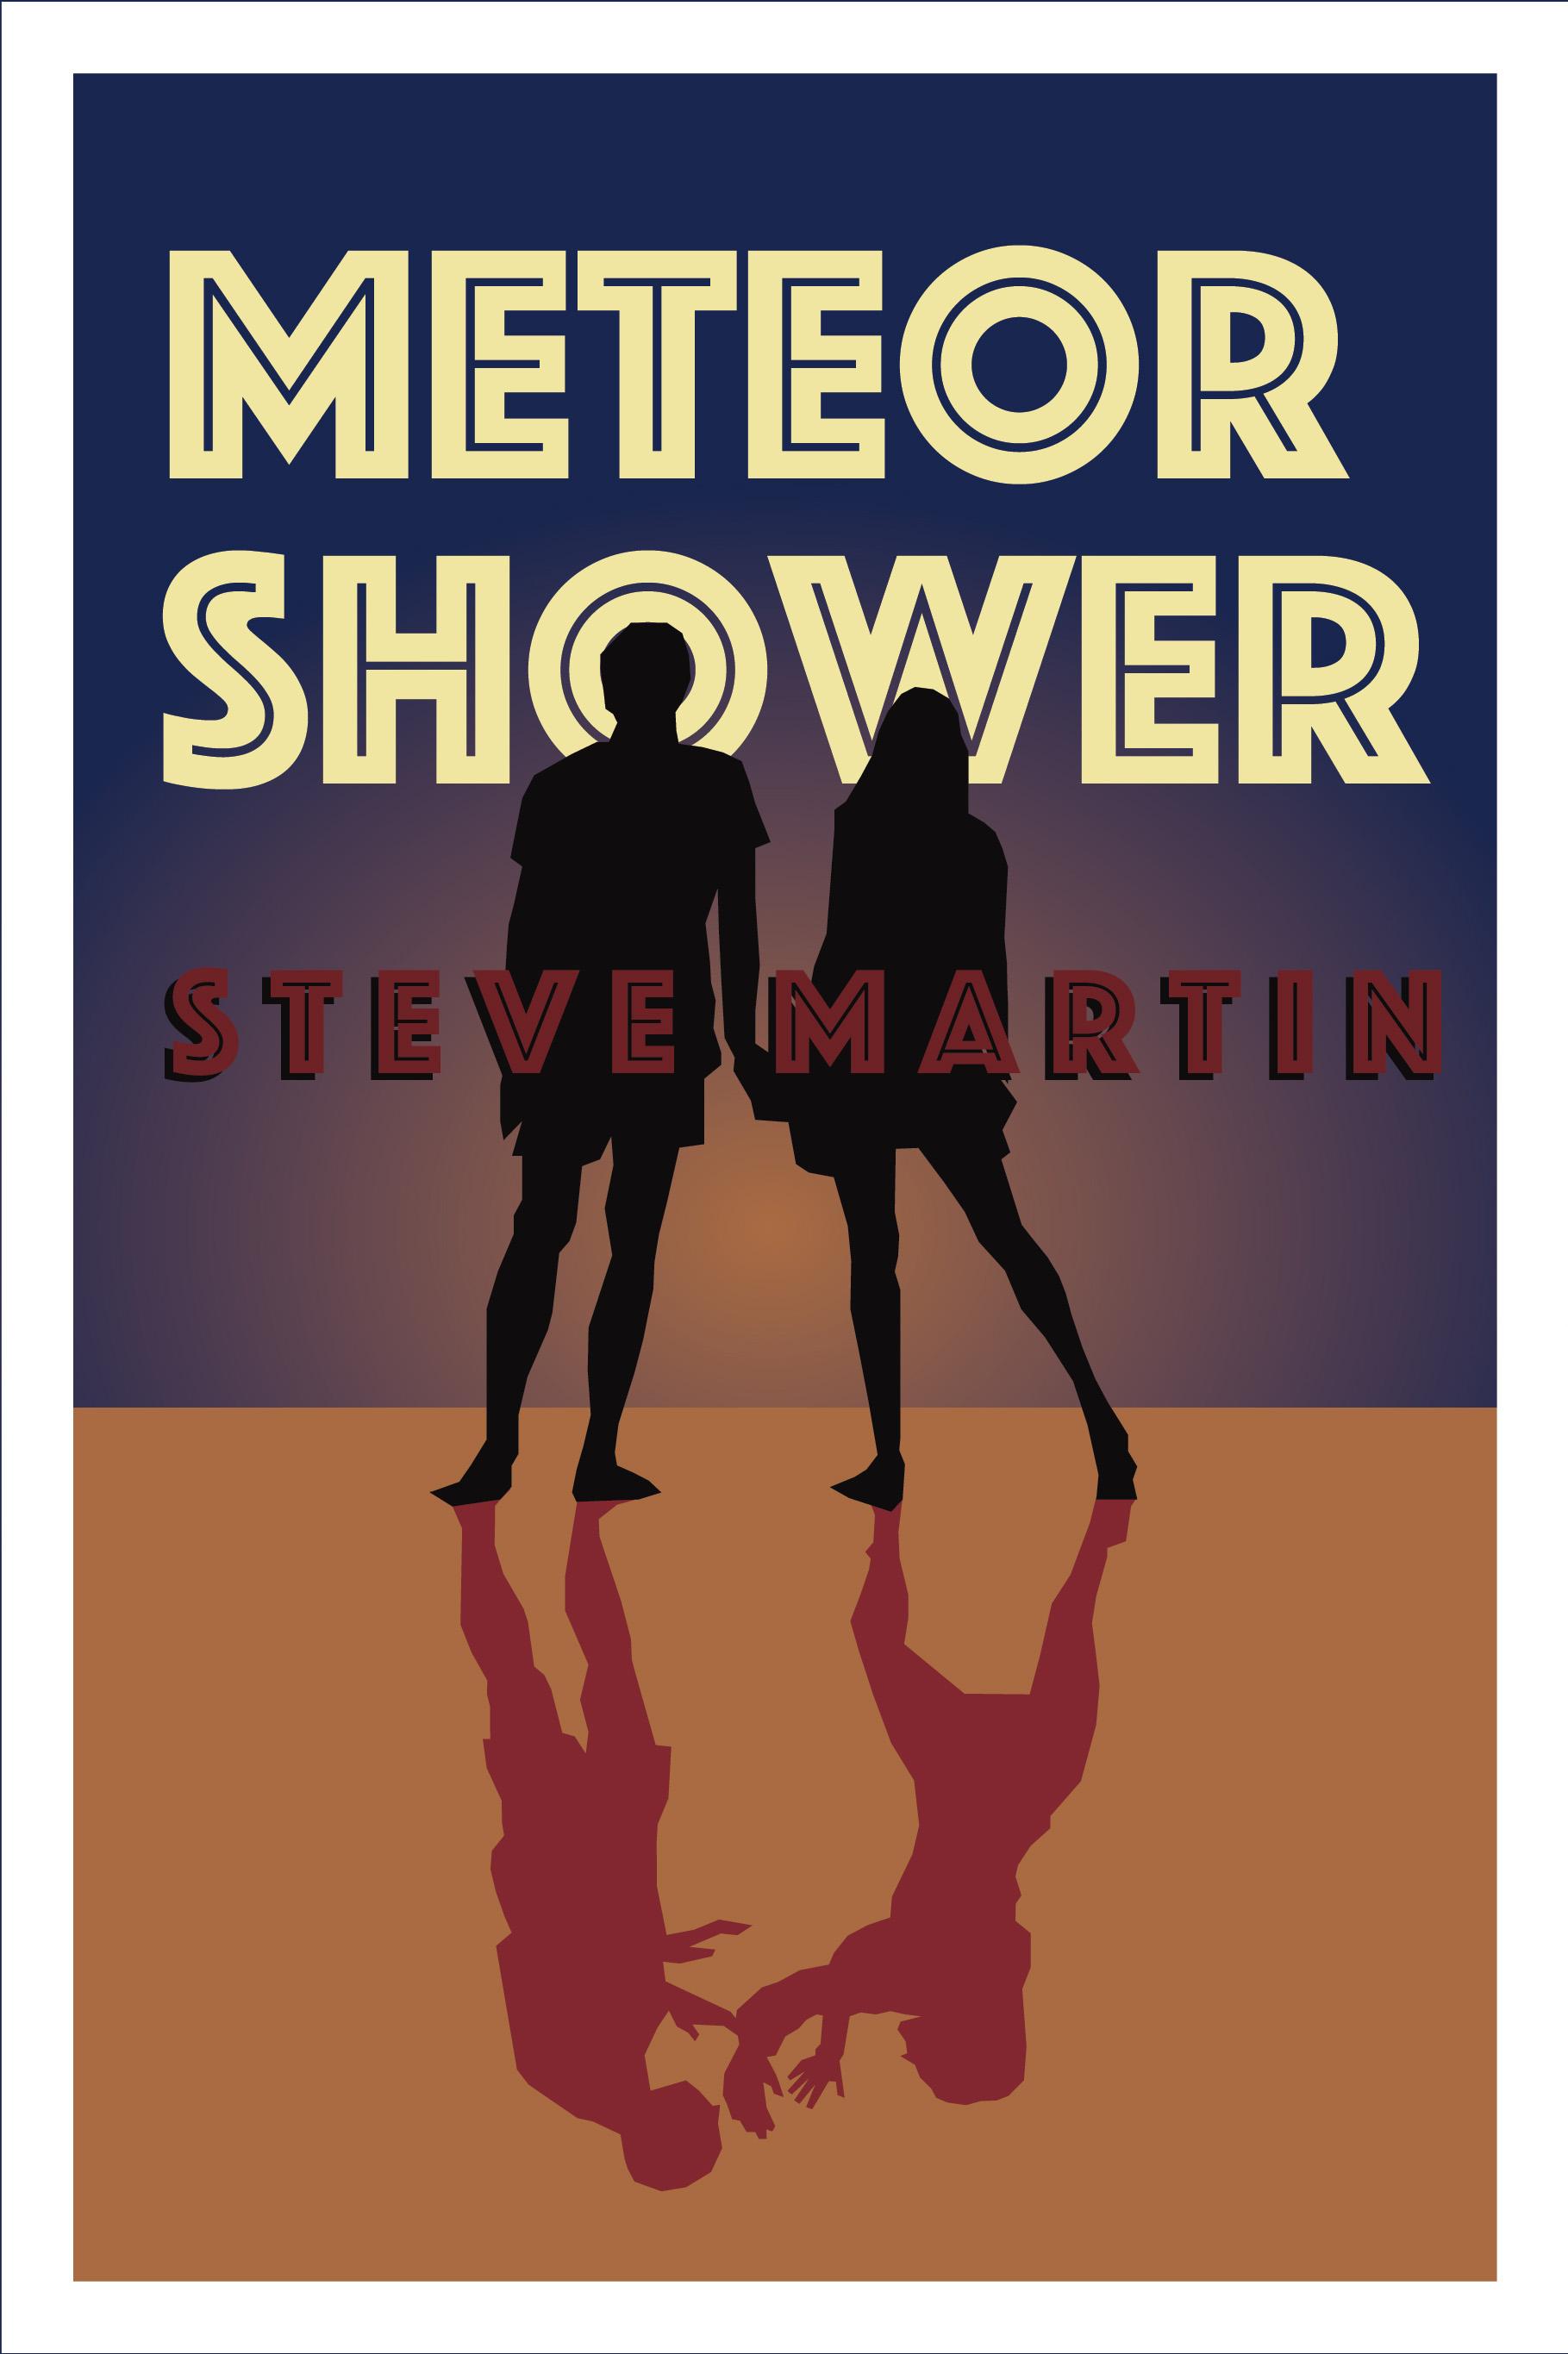 meteor shower_4.2.jpg